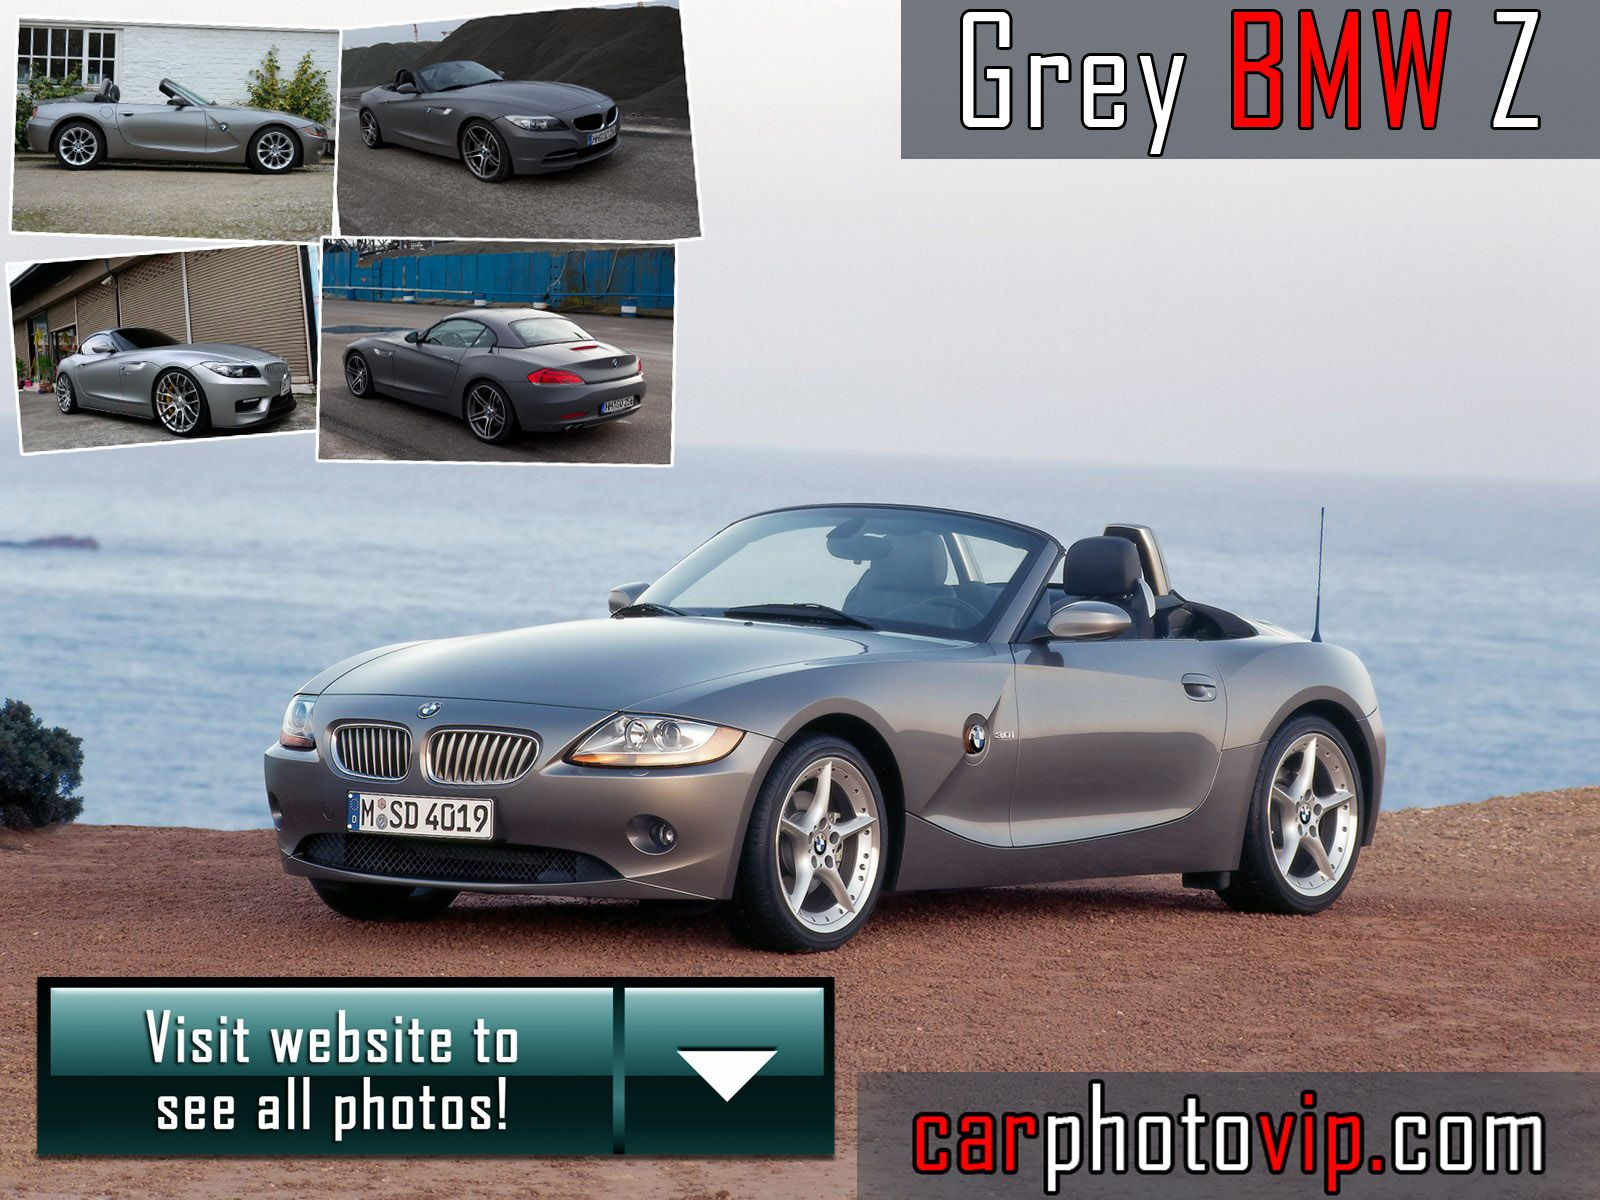 Grey BMW Z